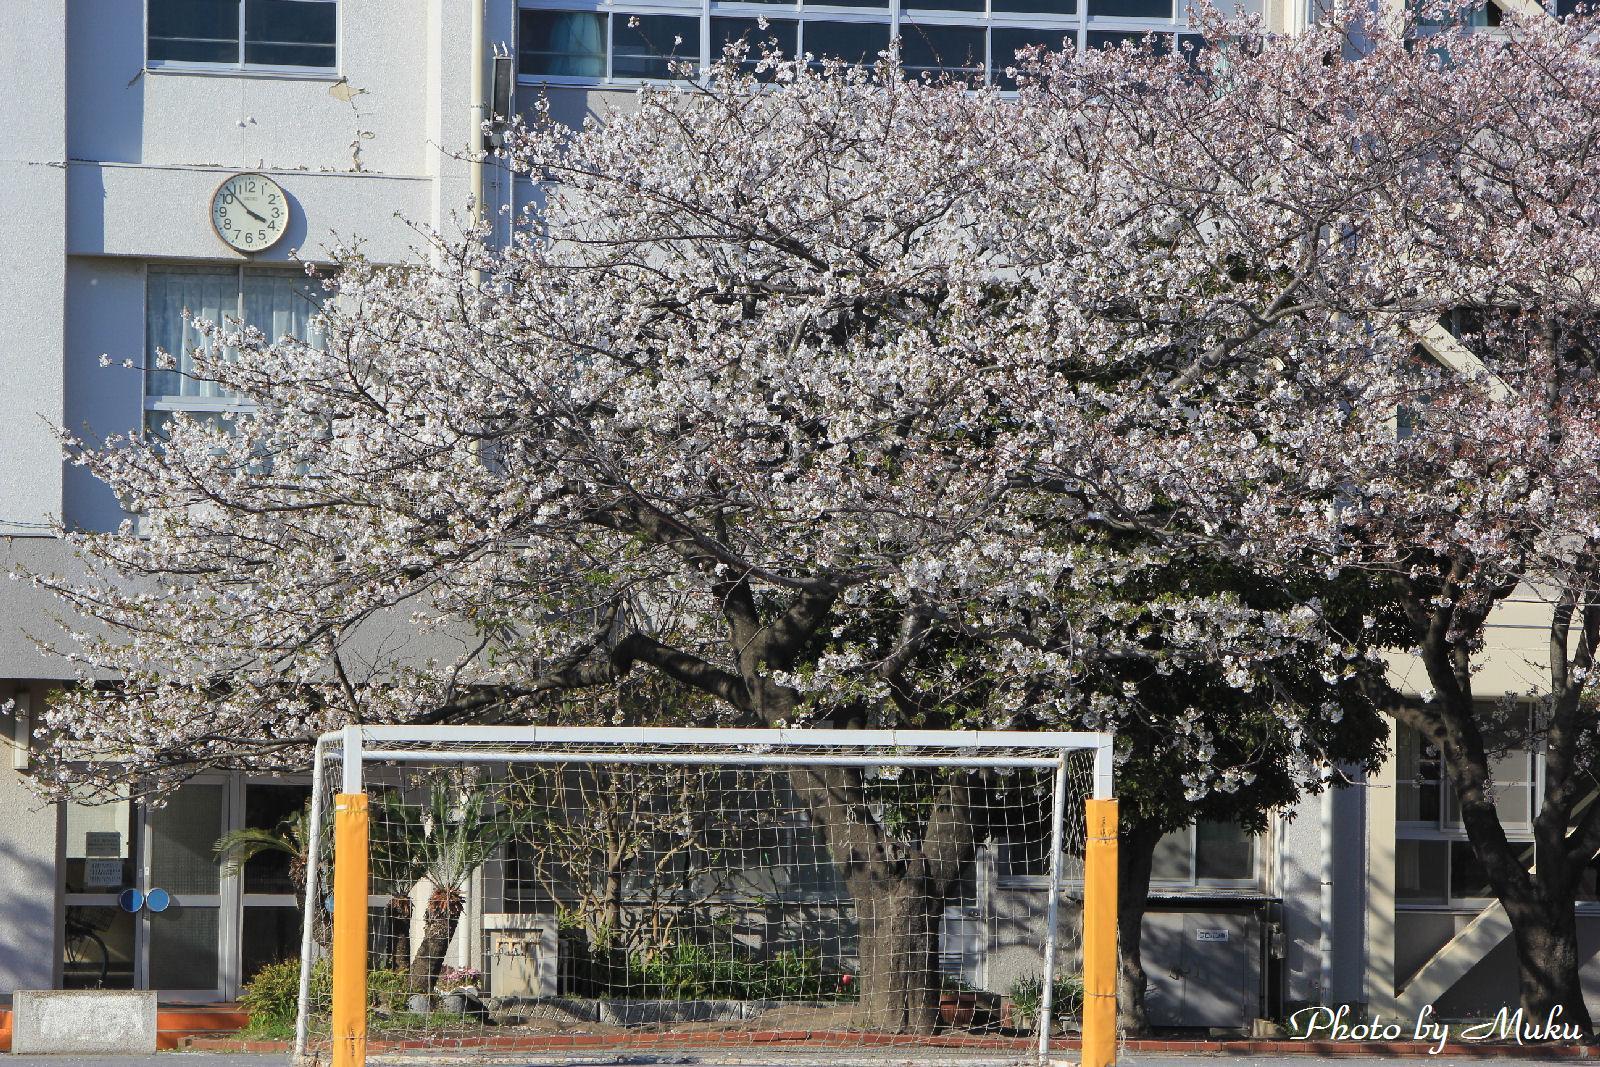 2014.4.5 小学校の桜:久里浜(神奈川県横須賀市)